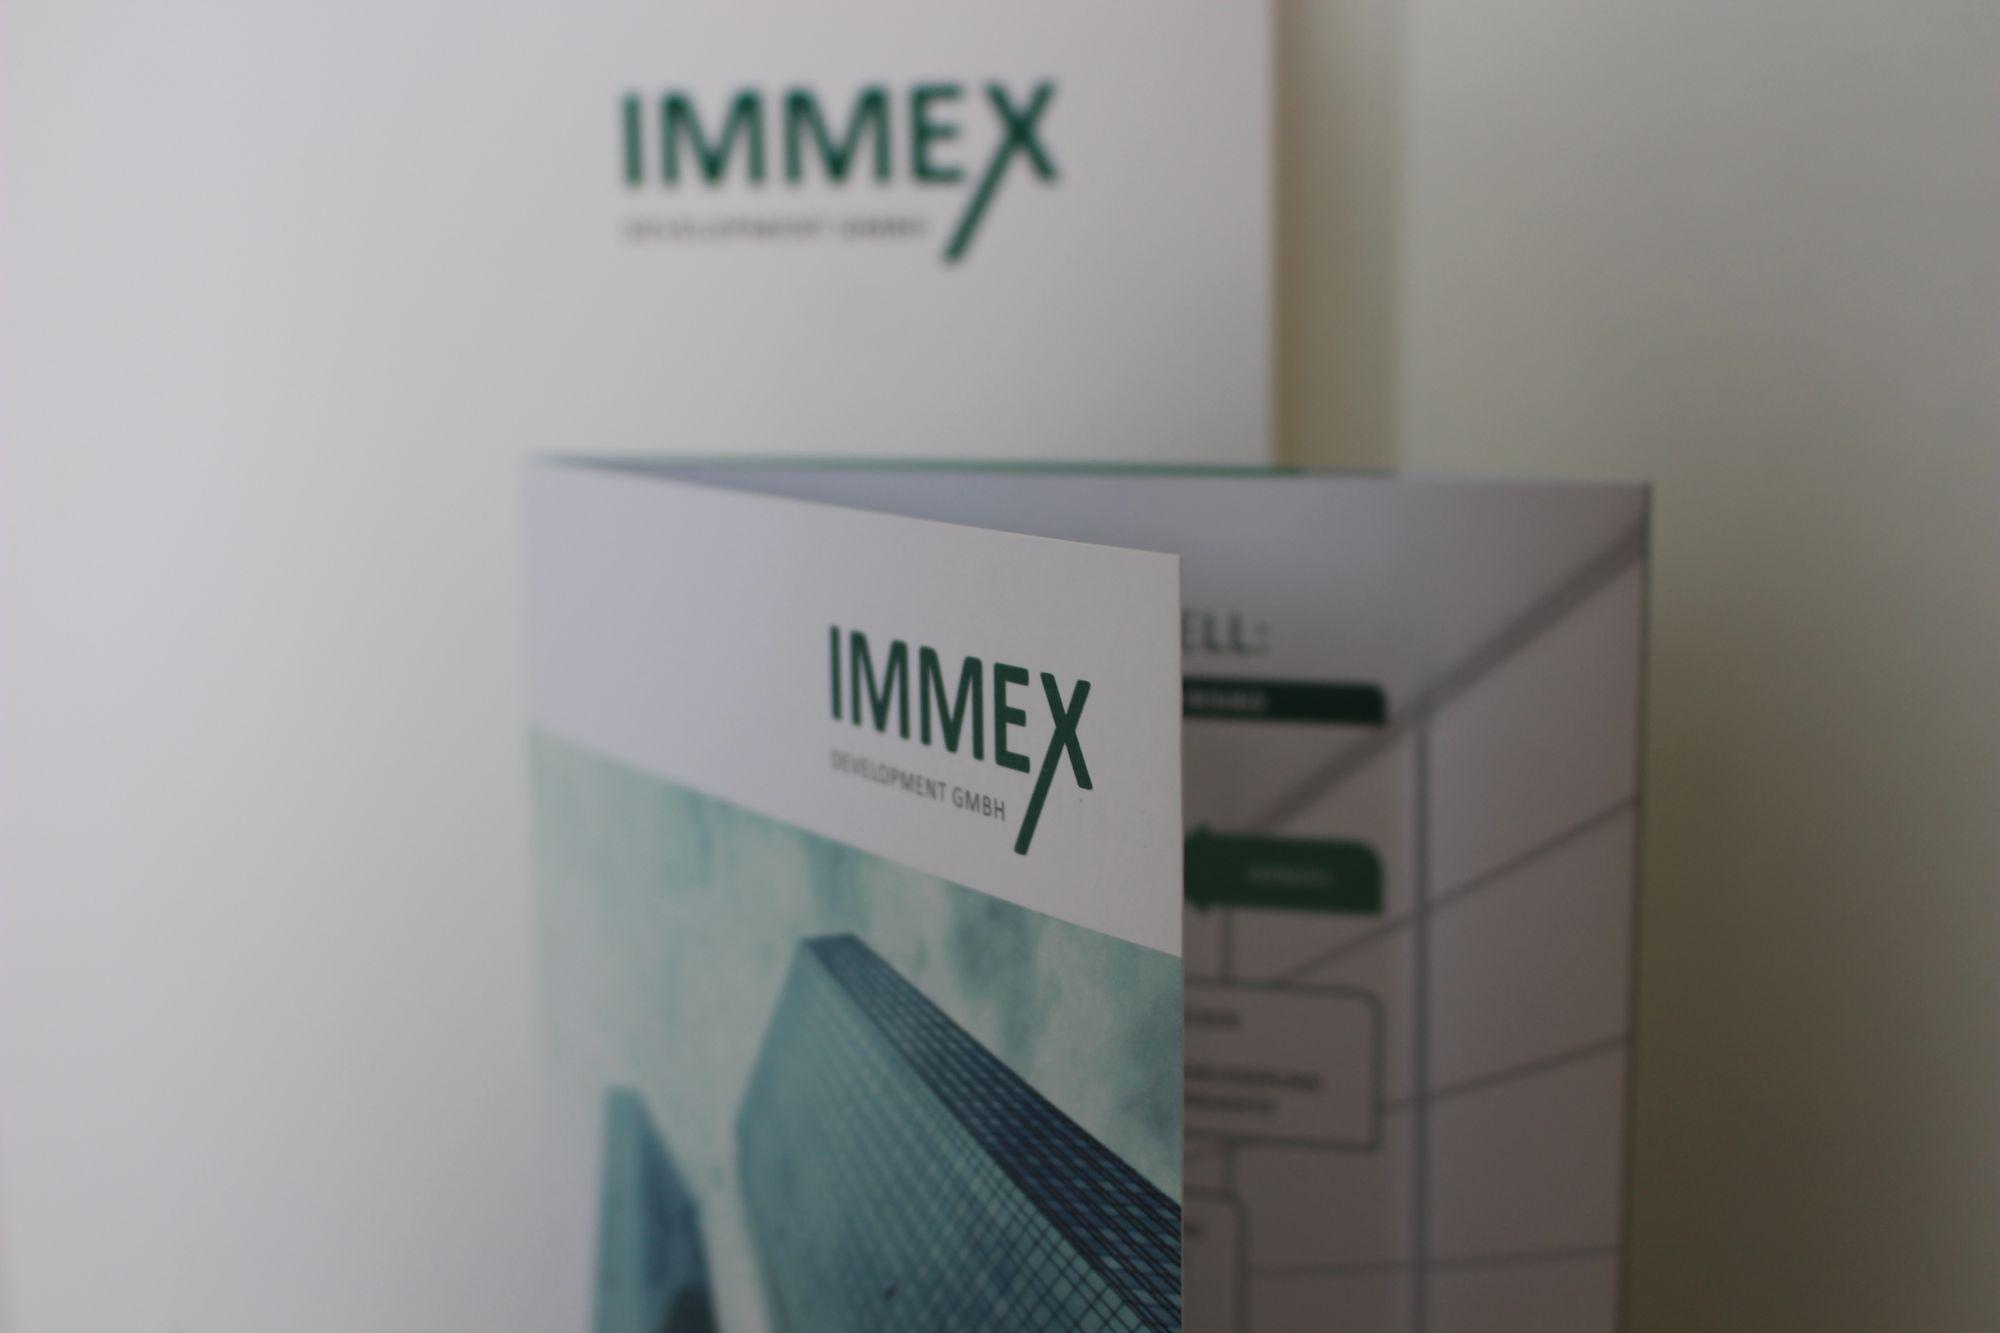 Drucksorten für Immex Development GmbH